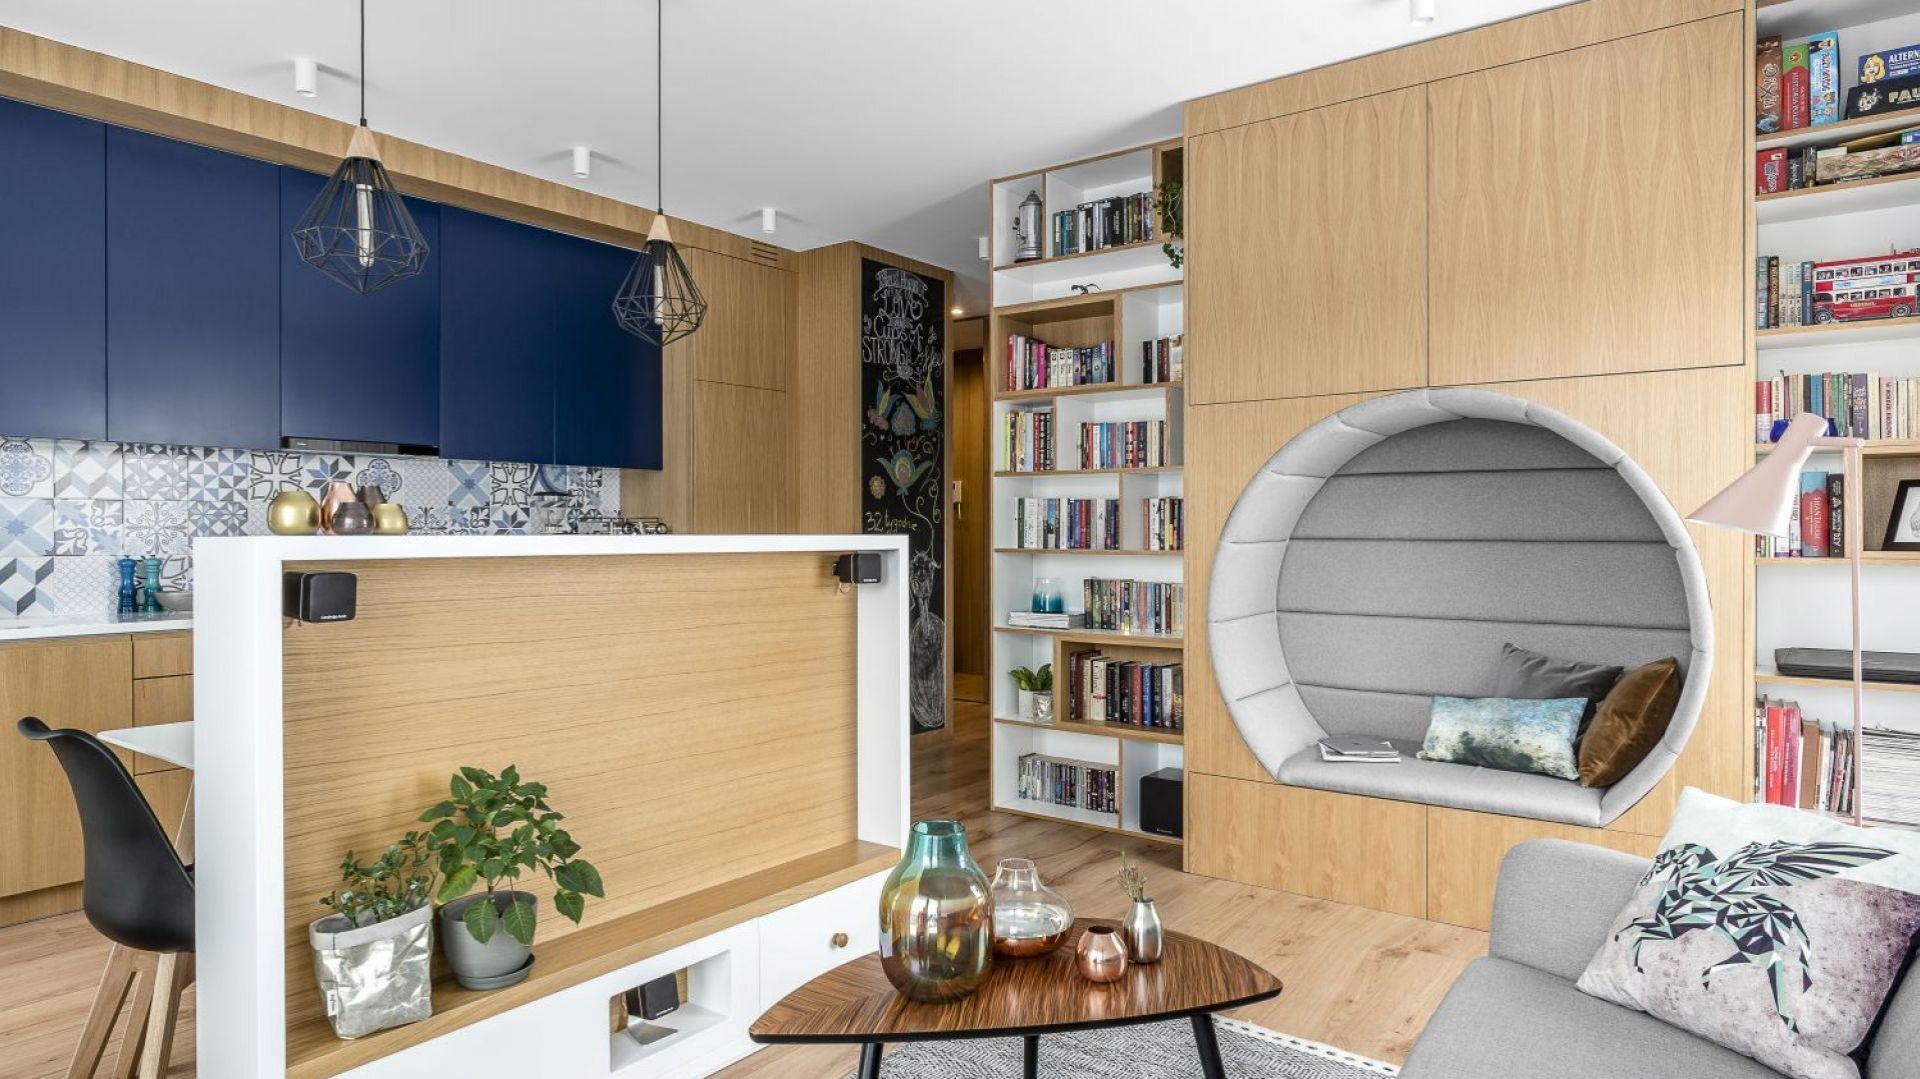 Ponieważ kuchnia i salon stanowią wspólną otwartą strefę dzienną, autorki projektu dużo uwagi poświęciły spójności aranżacyjnej obu pomieszczeń.